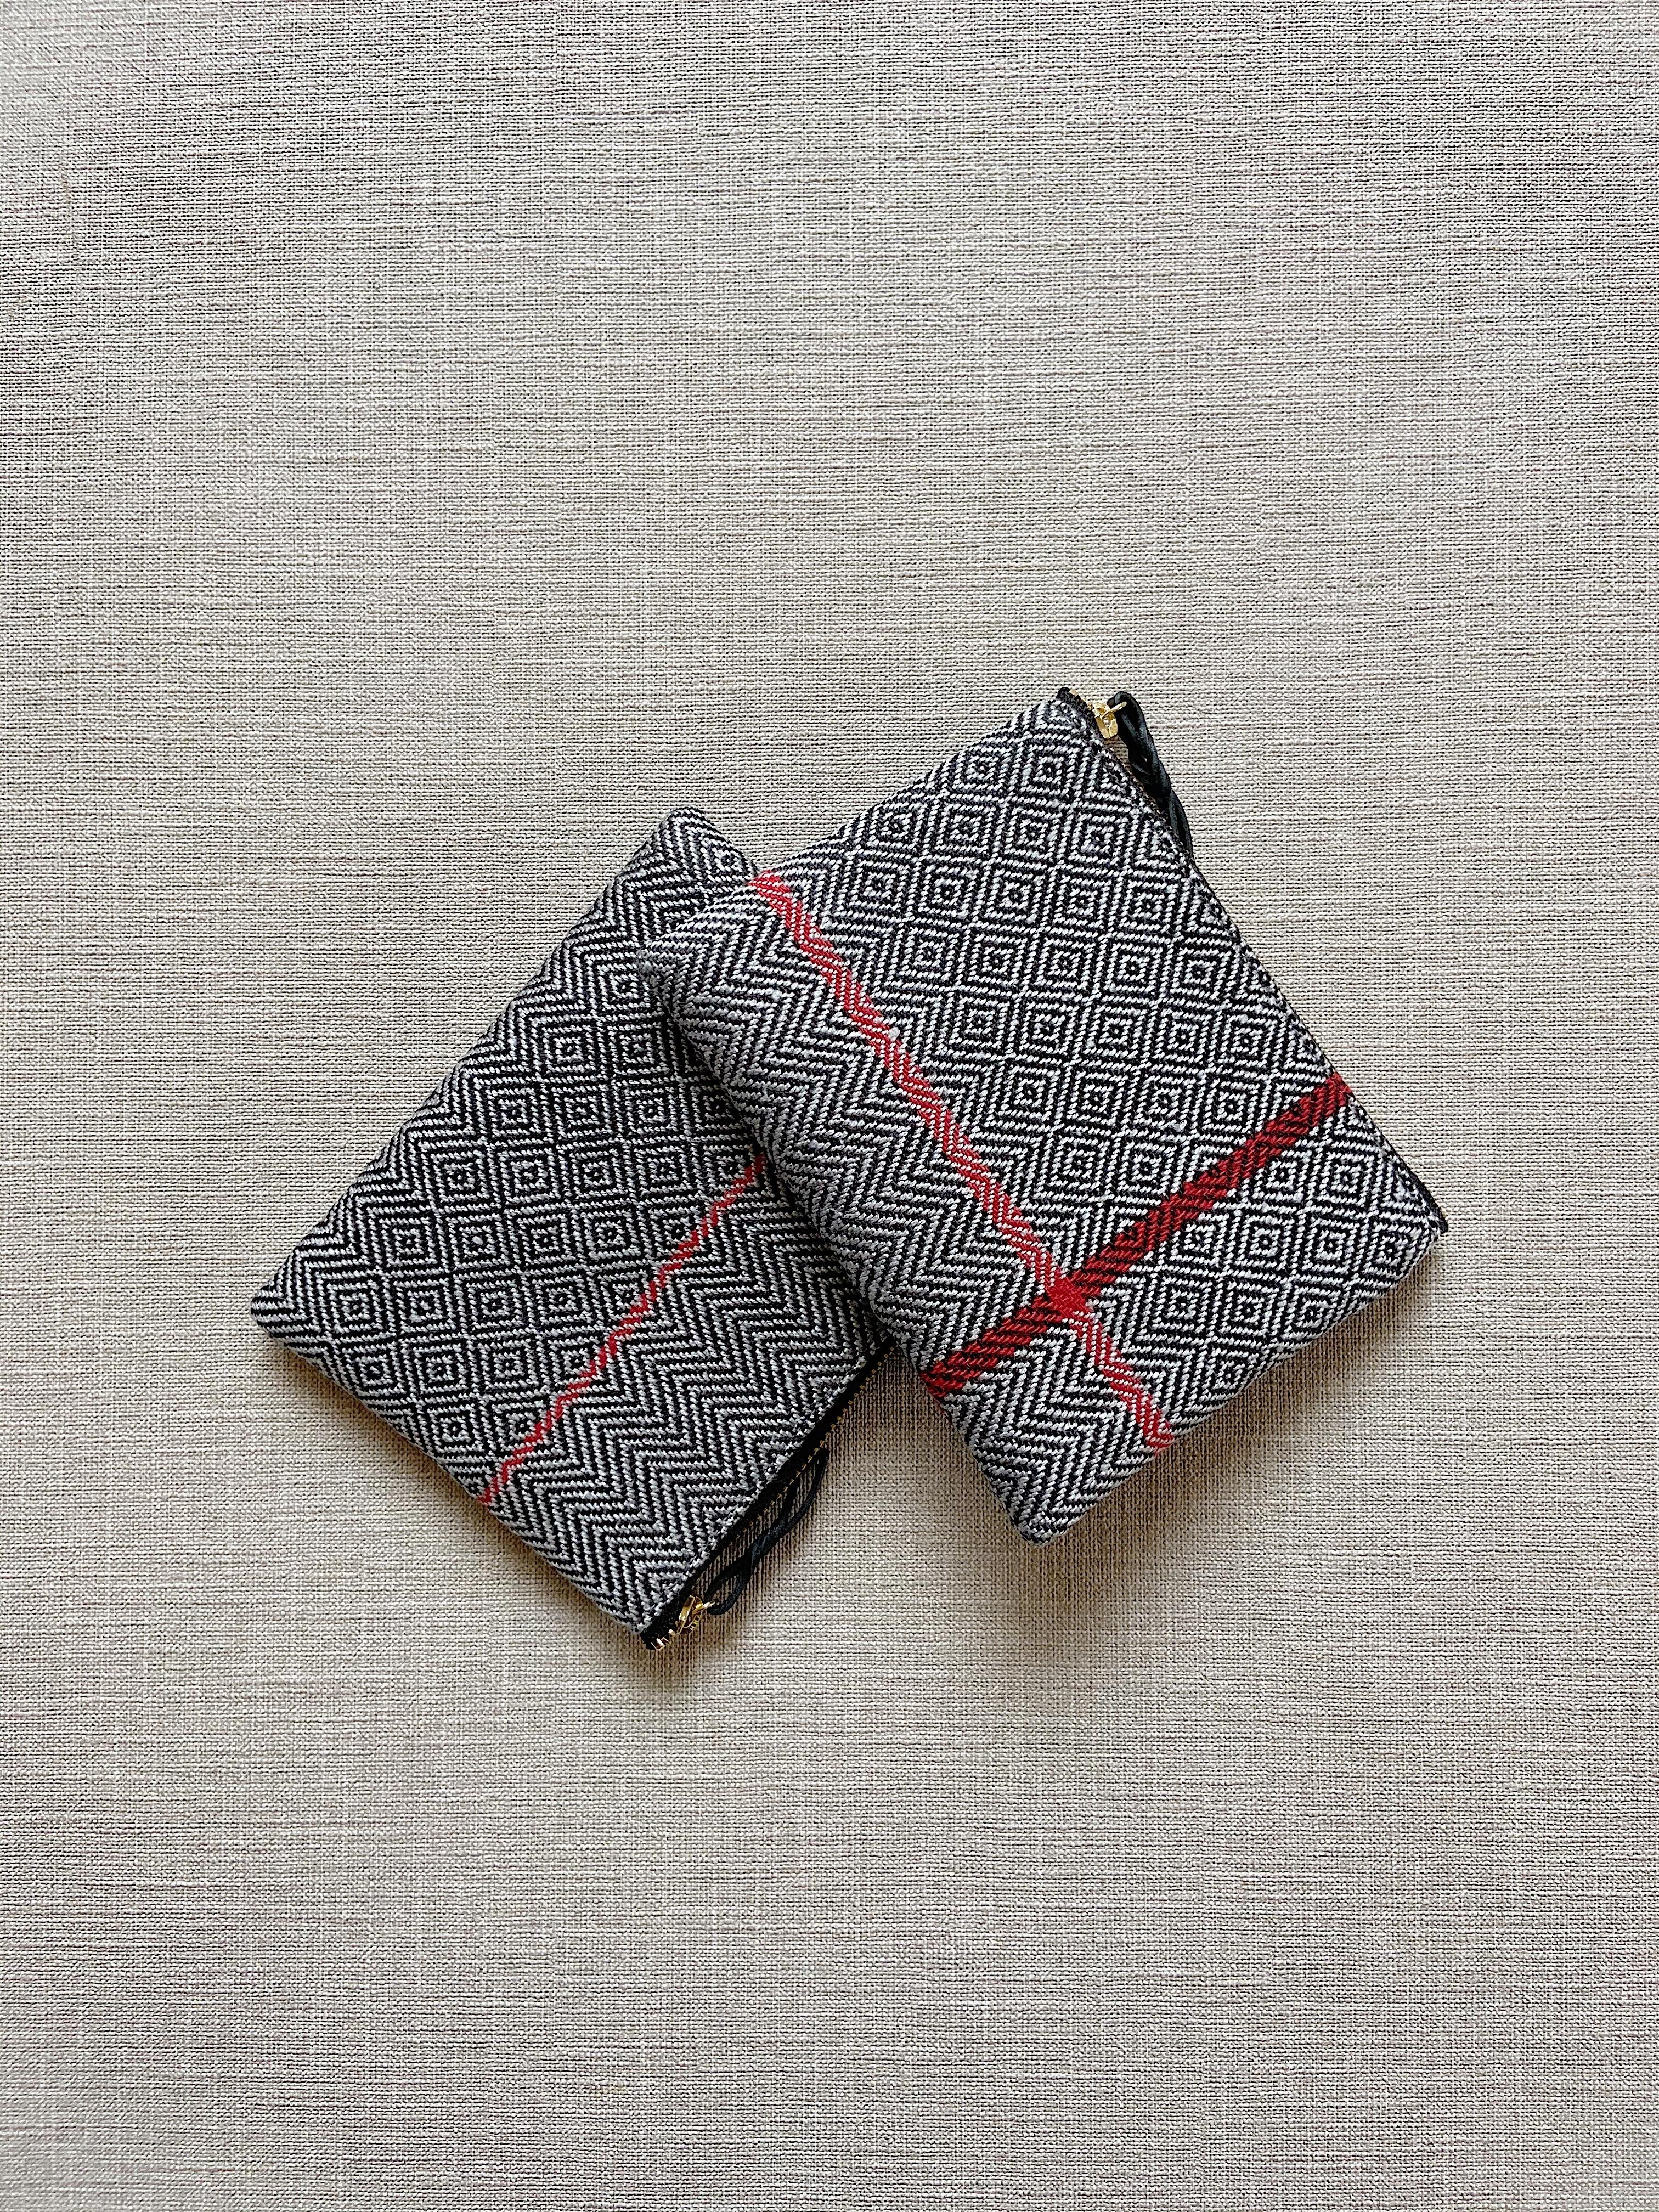 手織りミニポーチライン#2(HAND WOVEN POUCH 14cm RED LINE #2 )